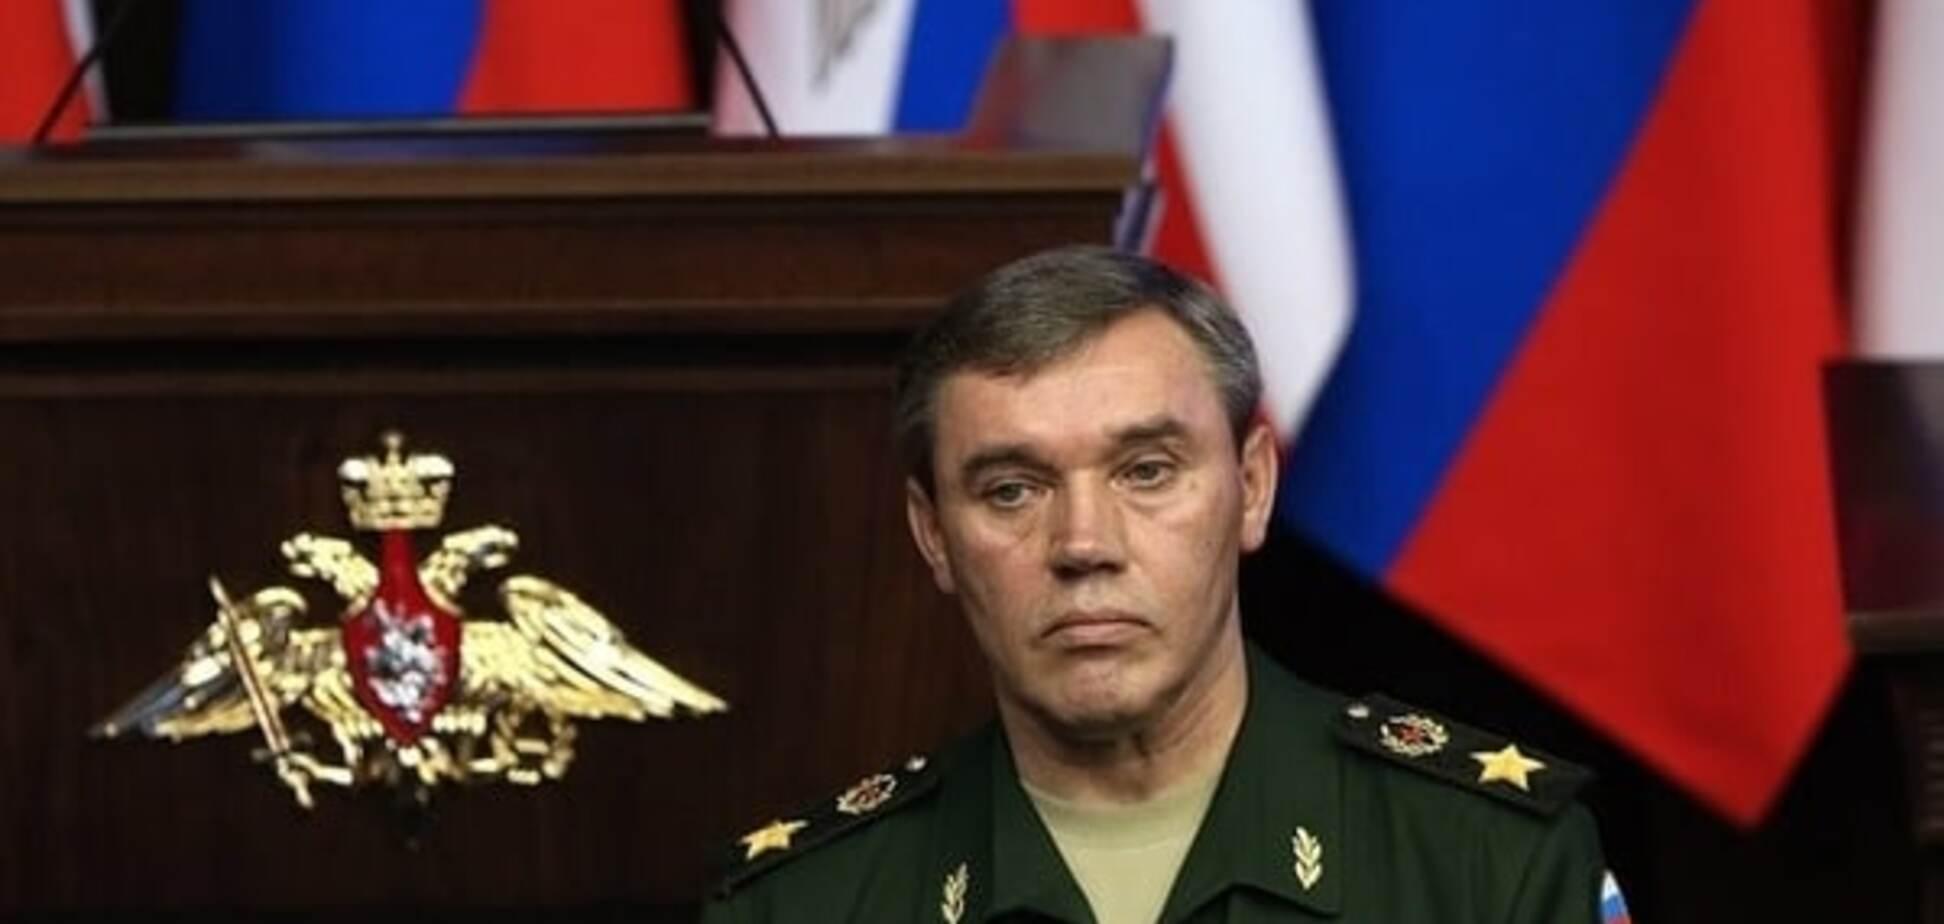 Путін нагородив організатора вторгнення на Донбас званням 'Герой Росії'